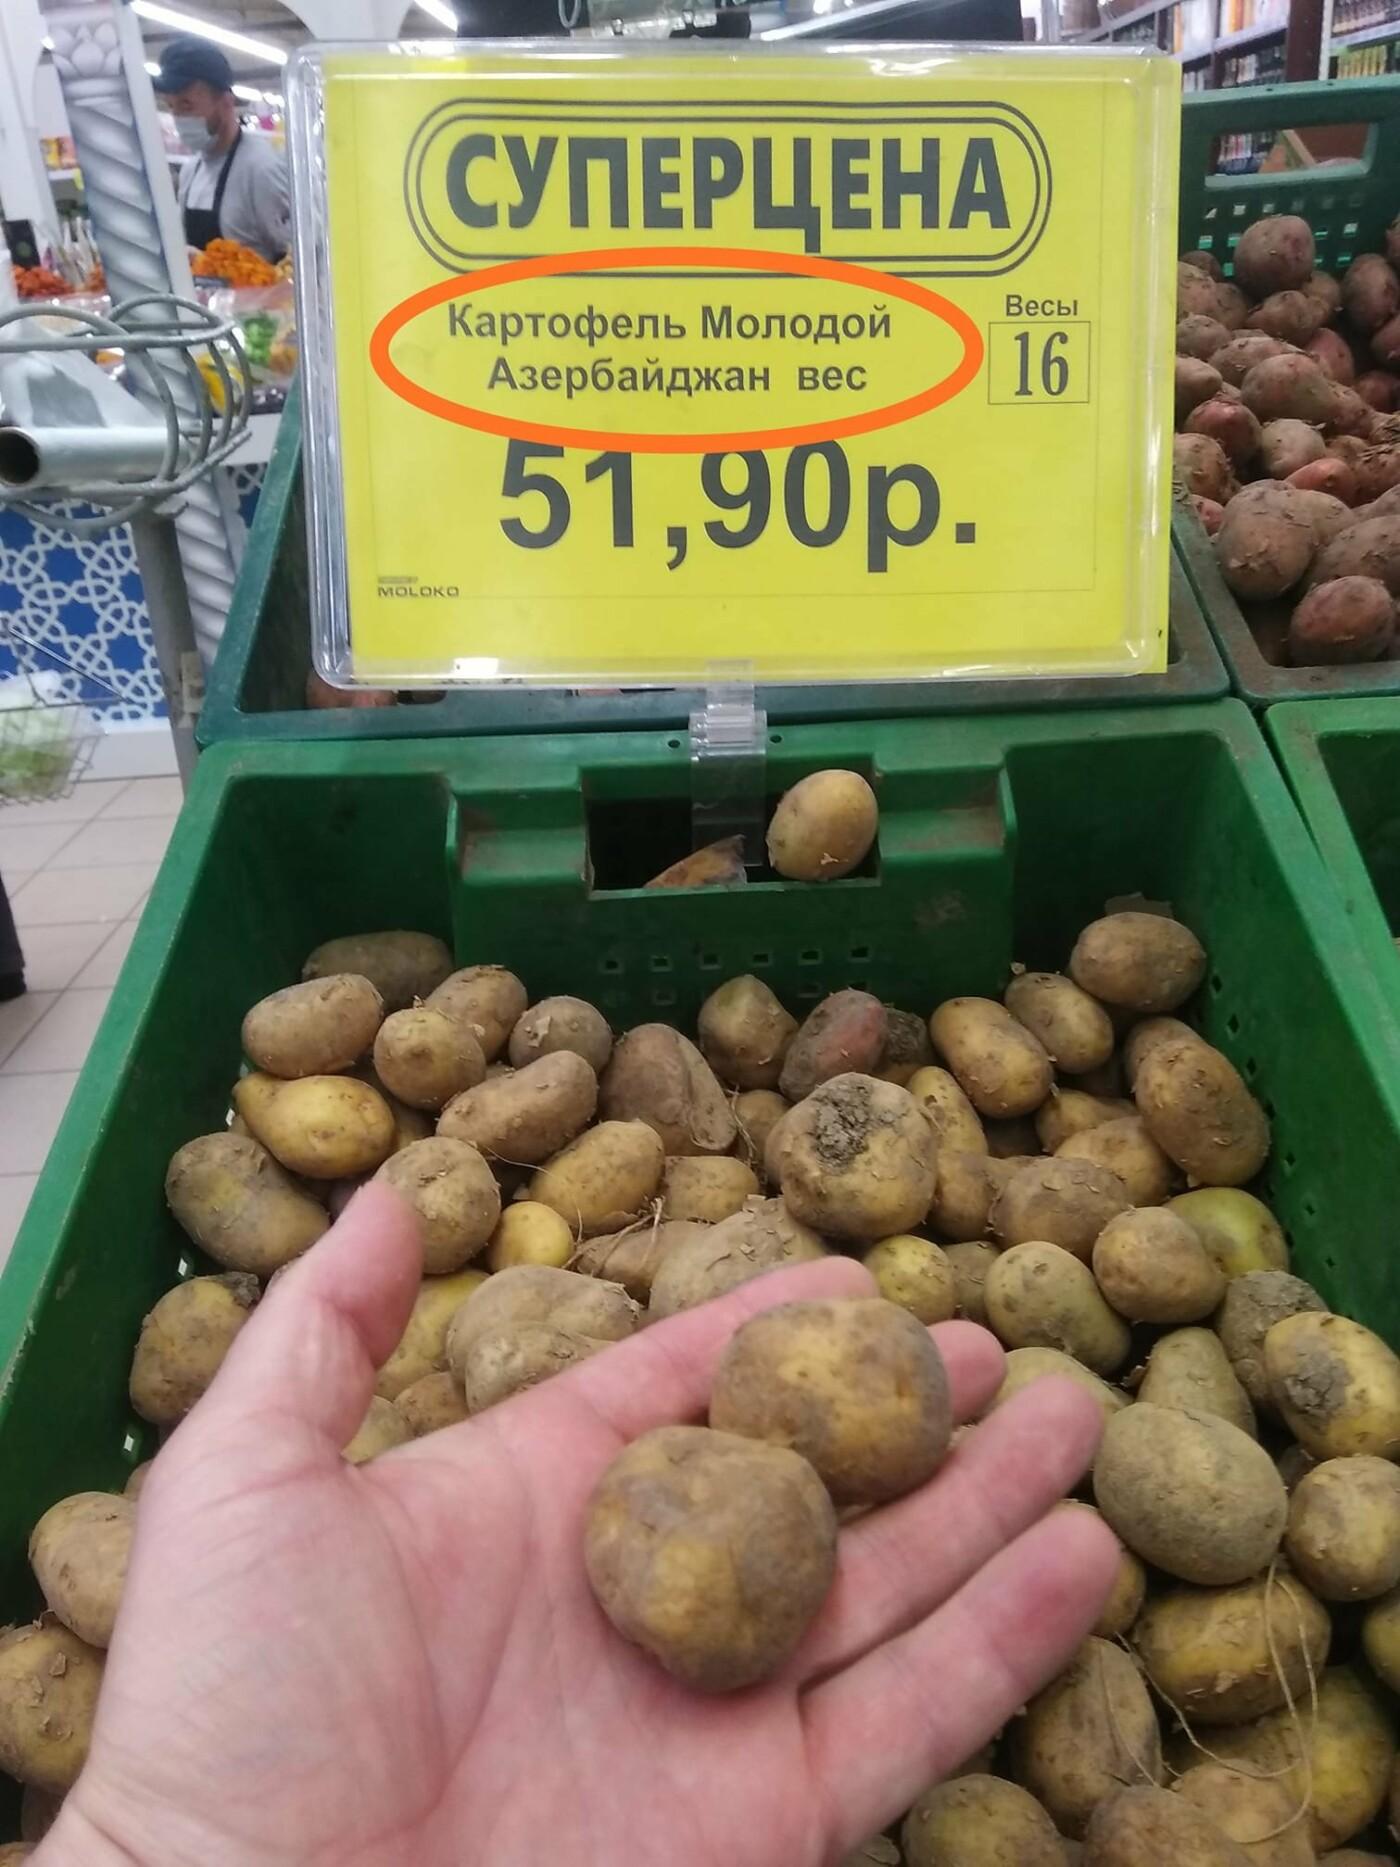 Не все то золото, что едят: в Донецке показали цены на картофель, морковь и свеклу, - ФОТО, фото-1